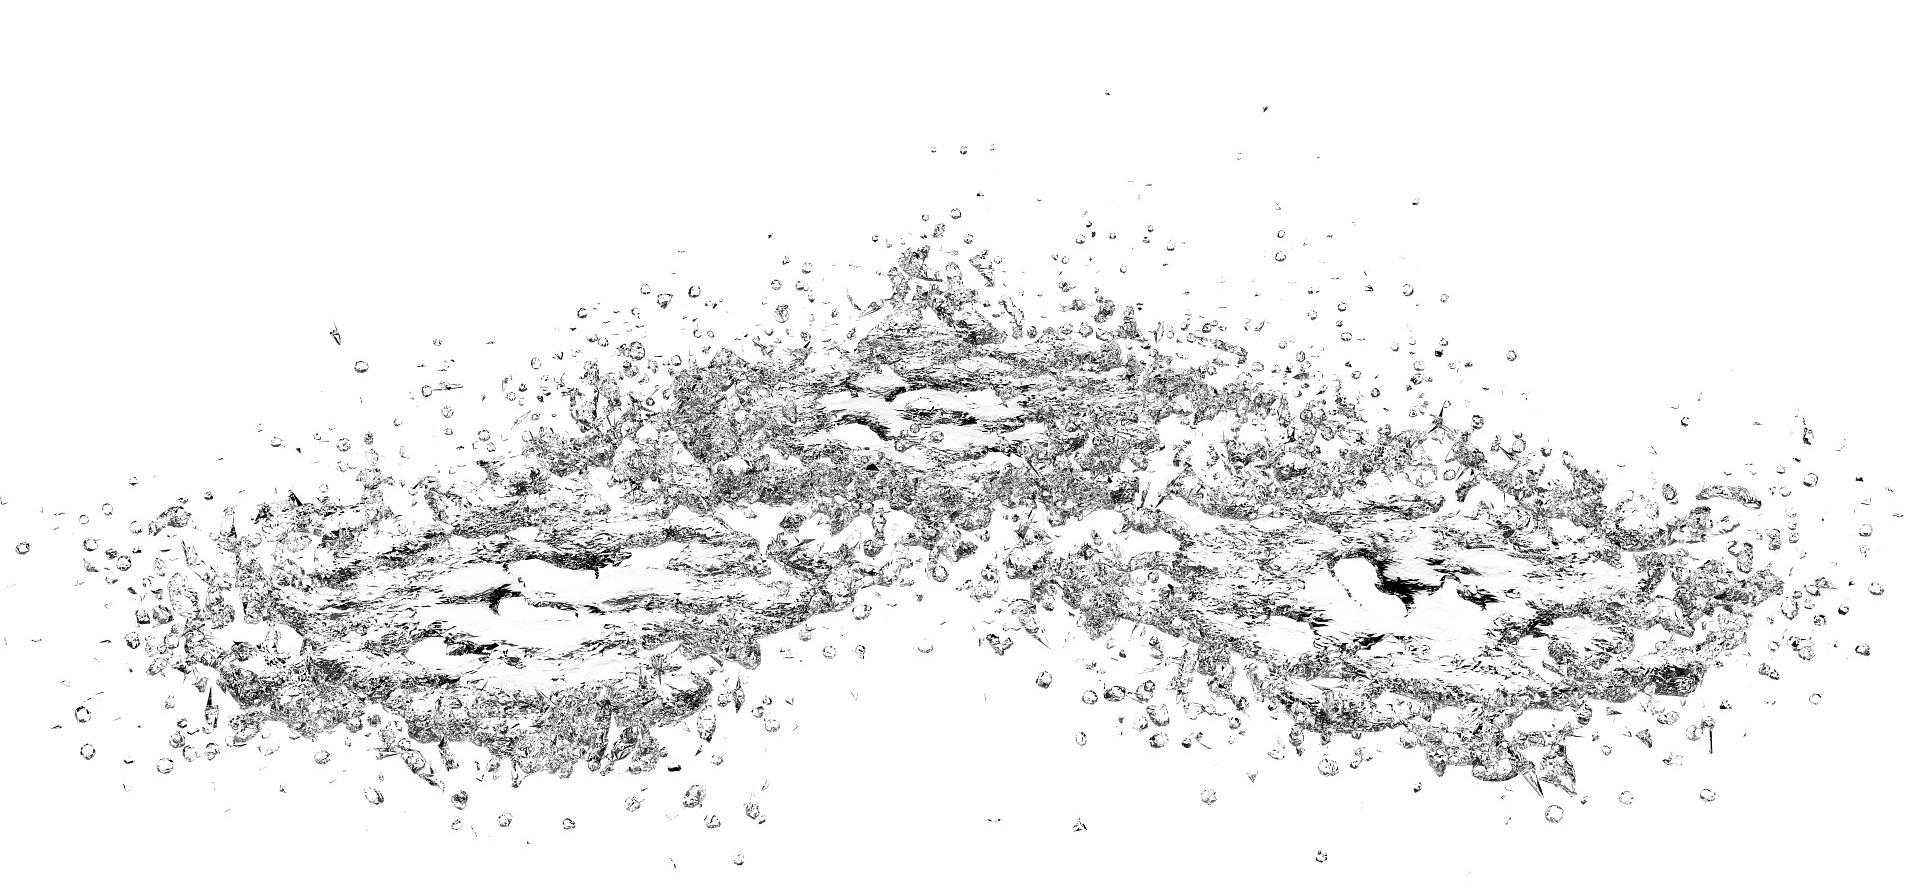 water-clear-tiszta-altalap